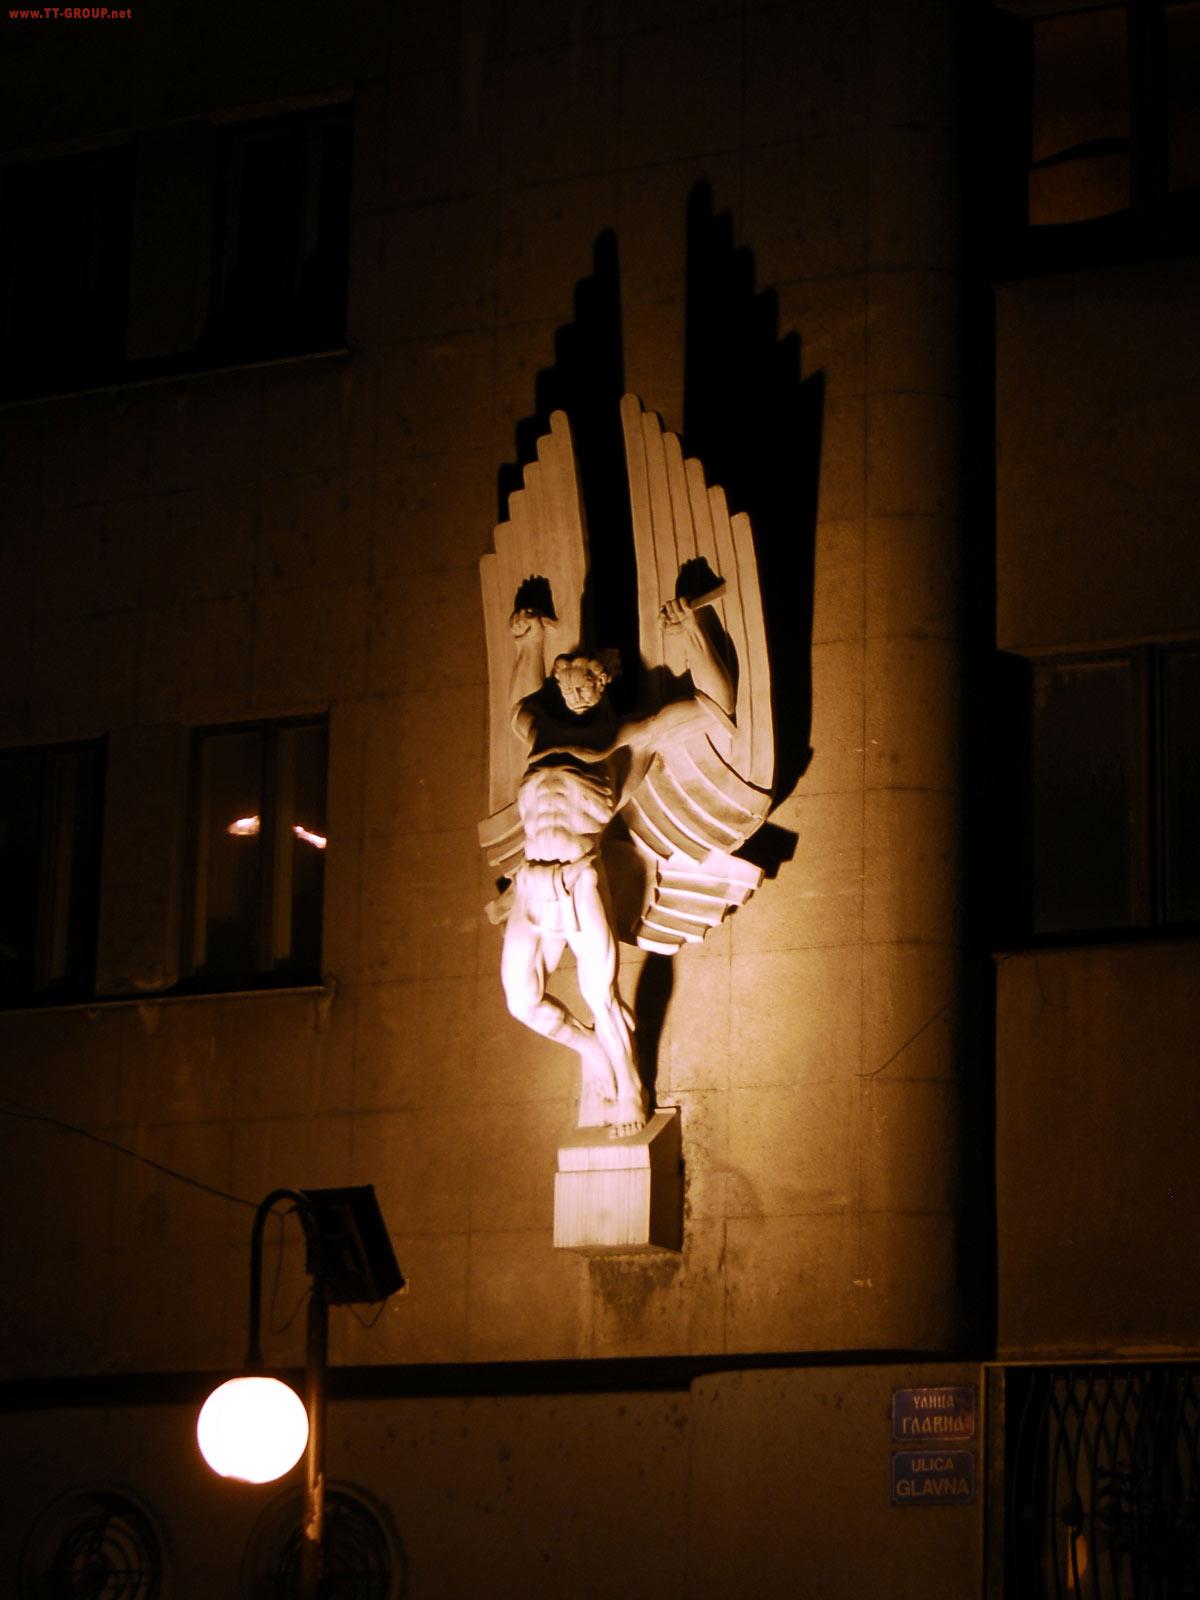 Trg avijatičara, ulica Glavna, Zemun